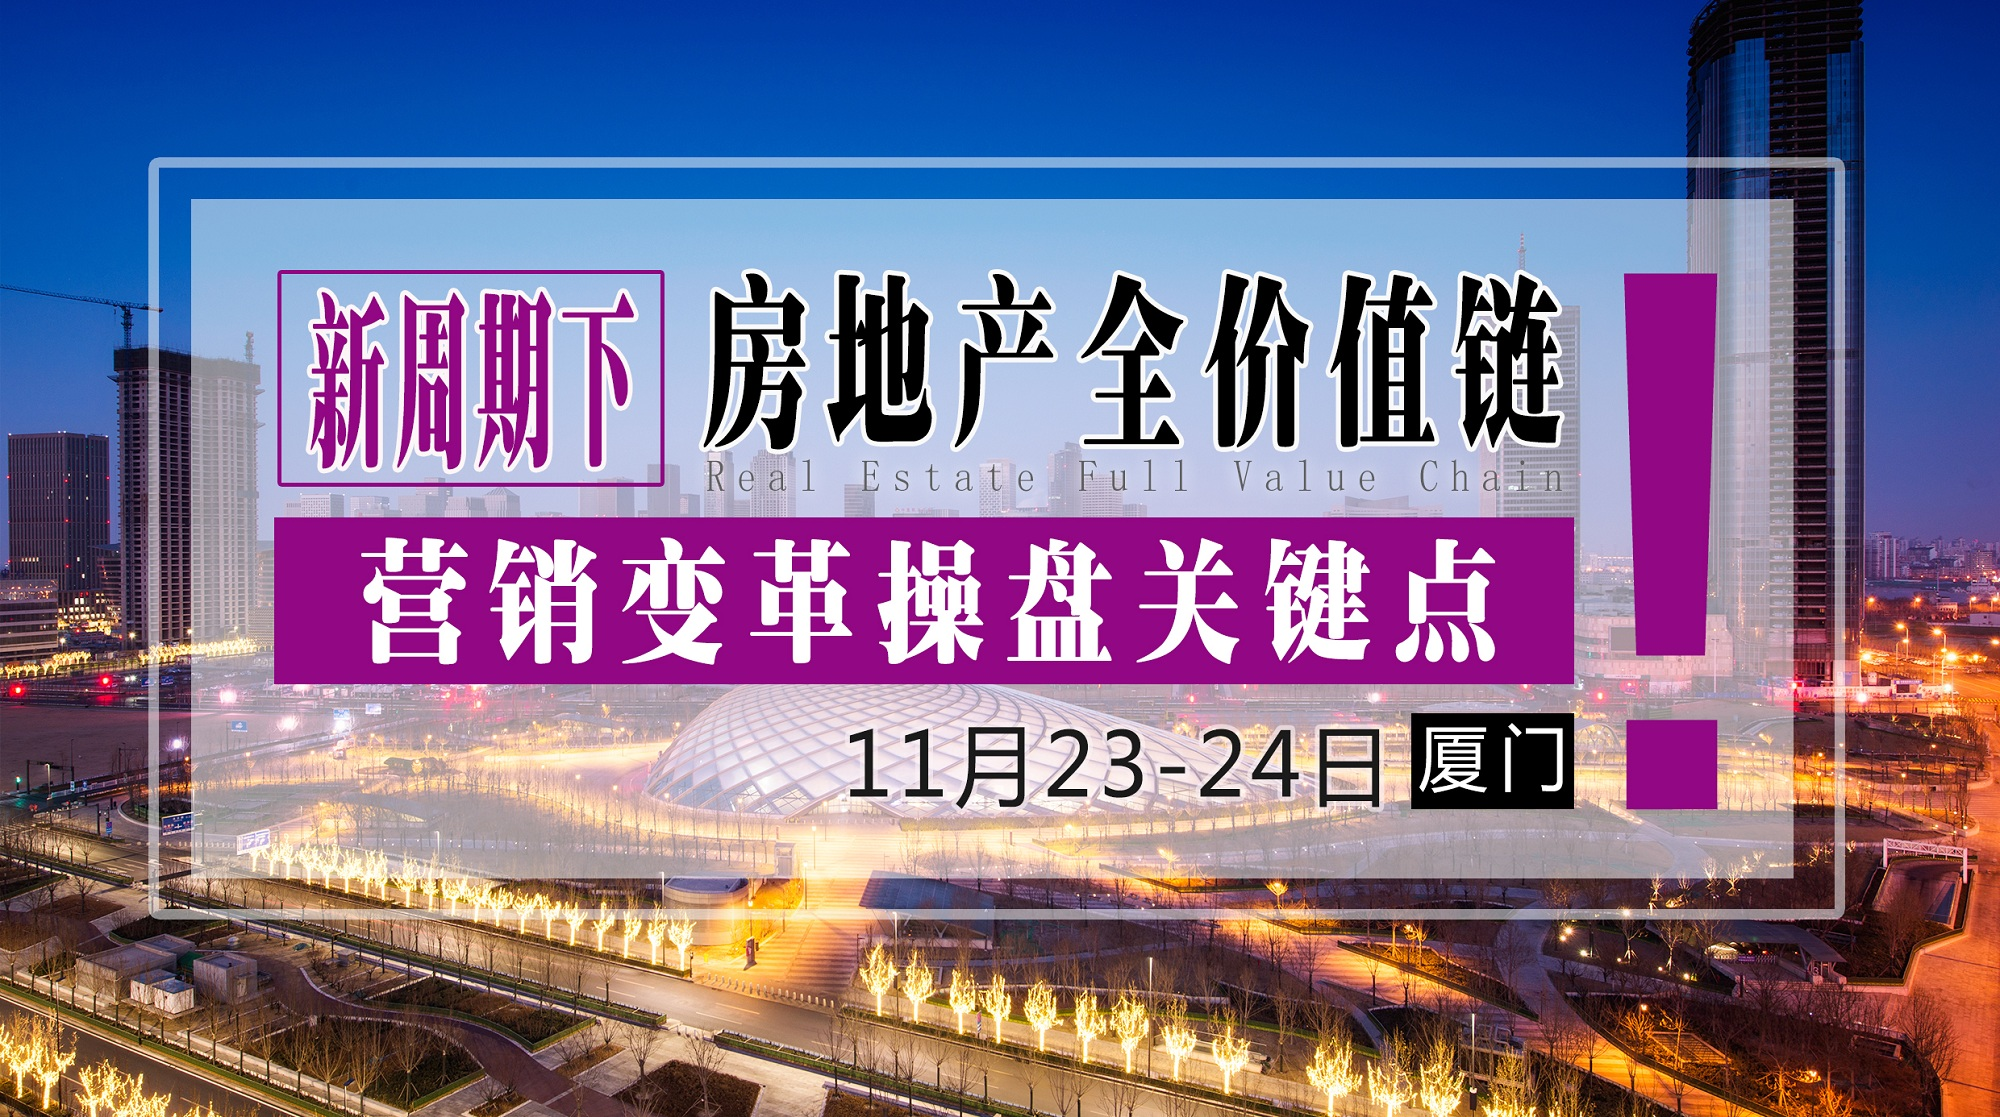 11月23-24日【郑州】《新周期下房地产全价值链营销变革操盘关键点》